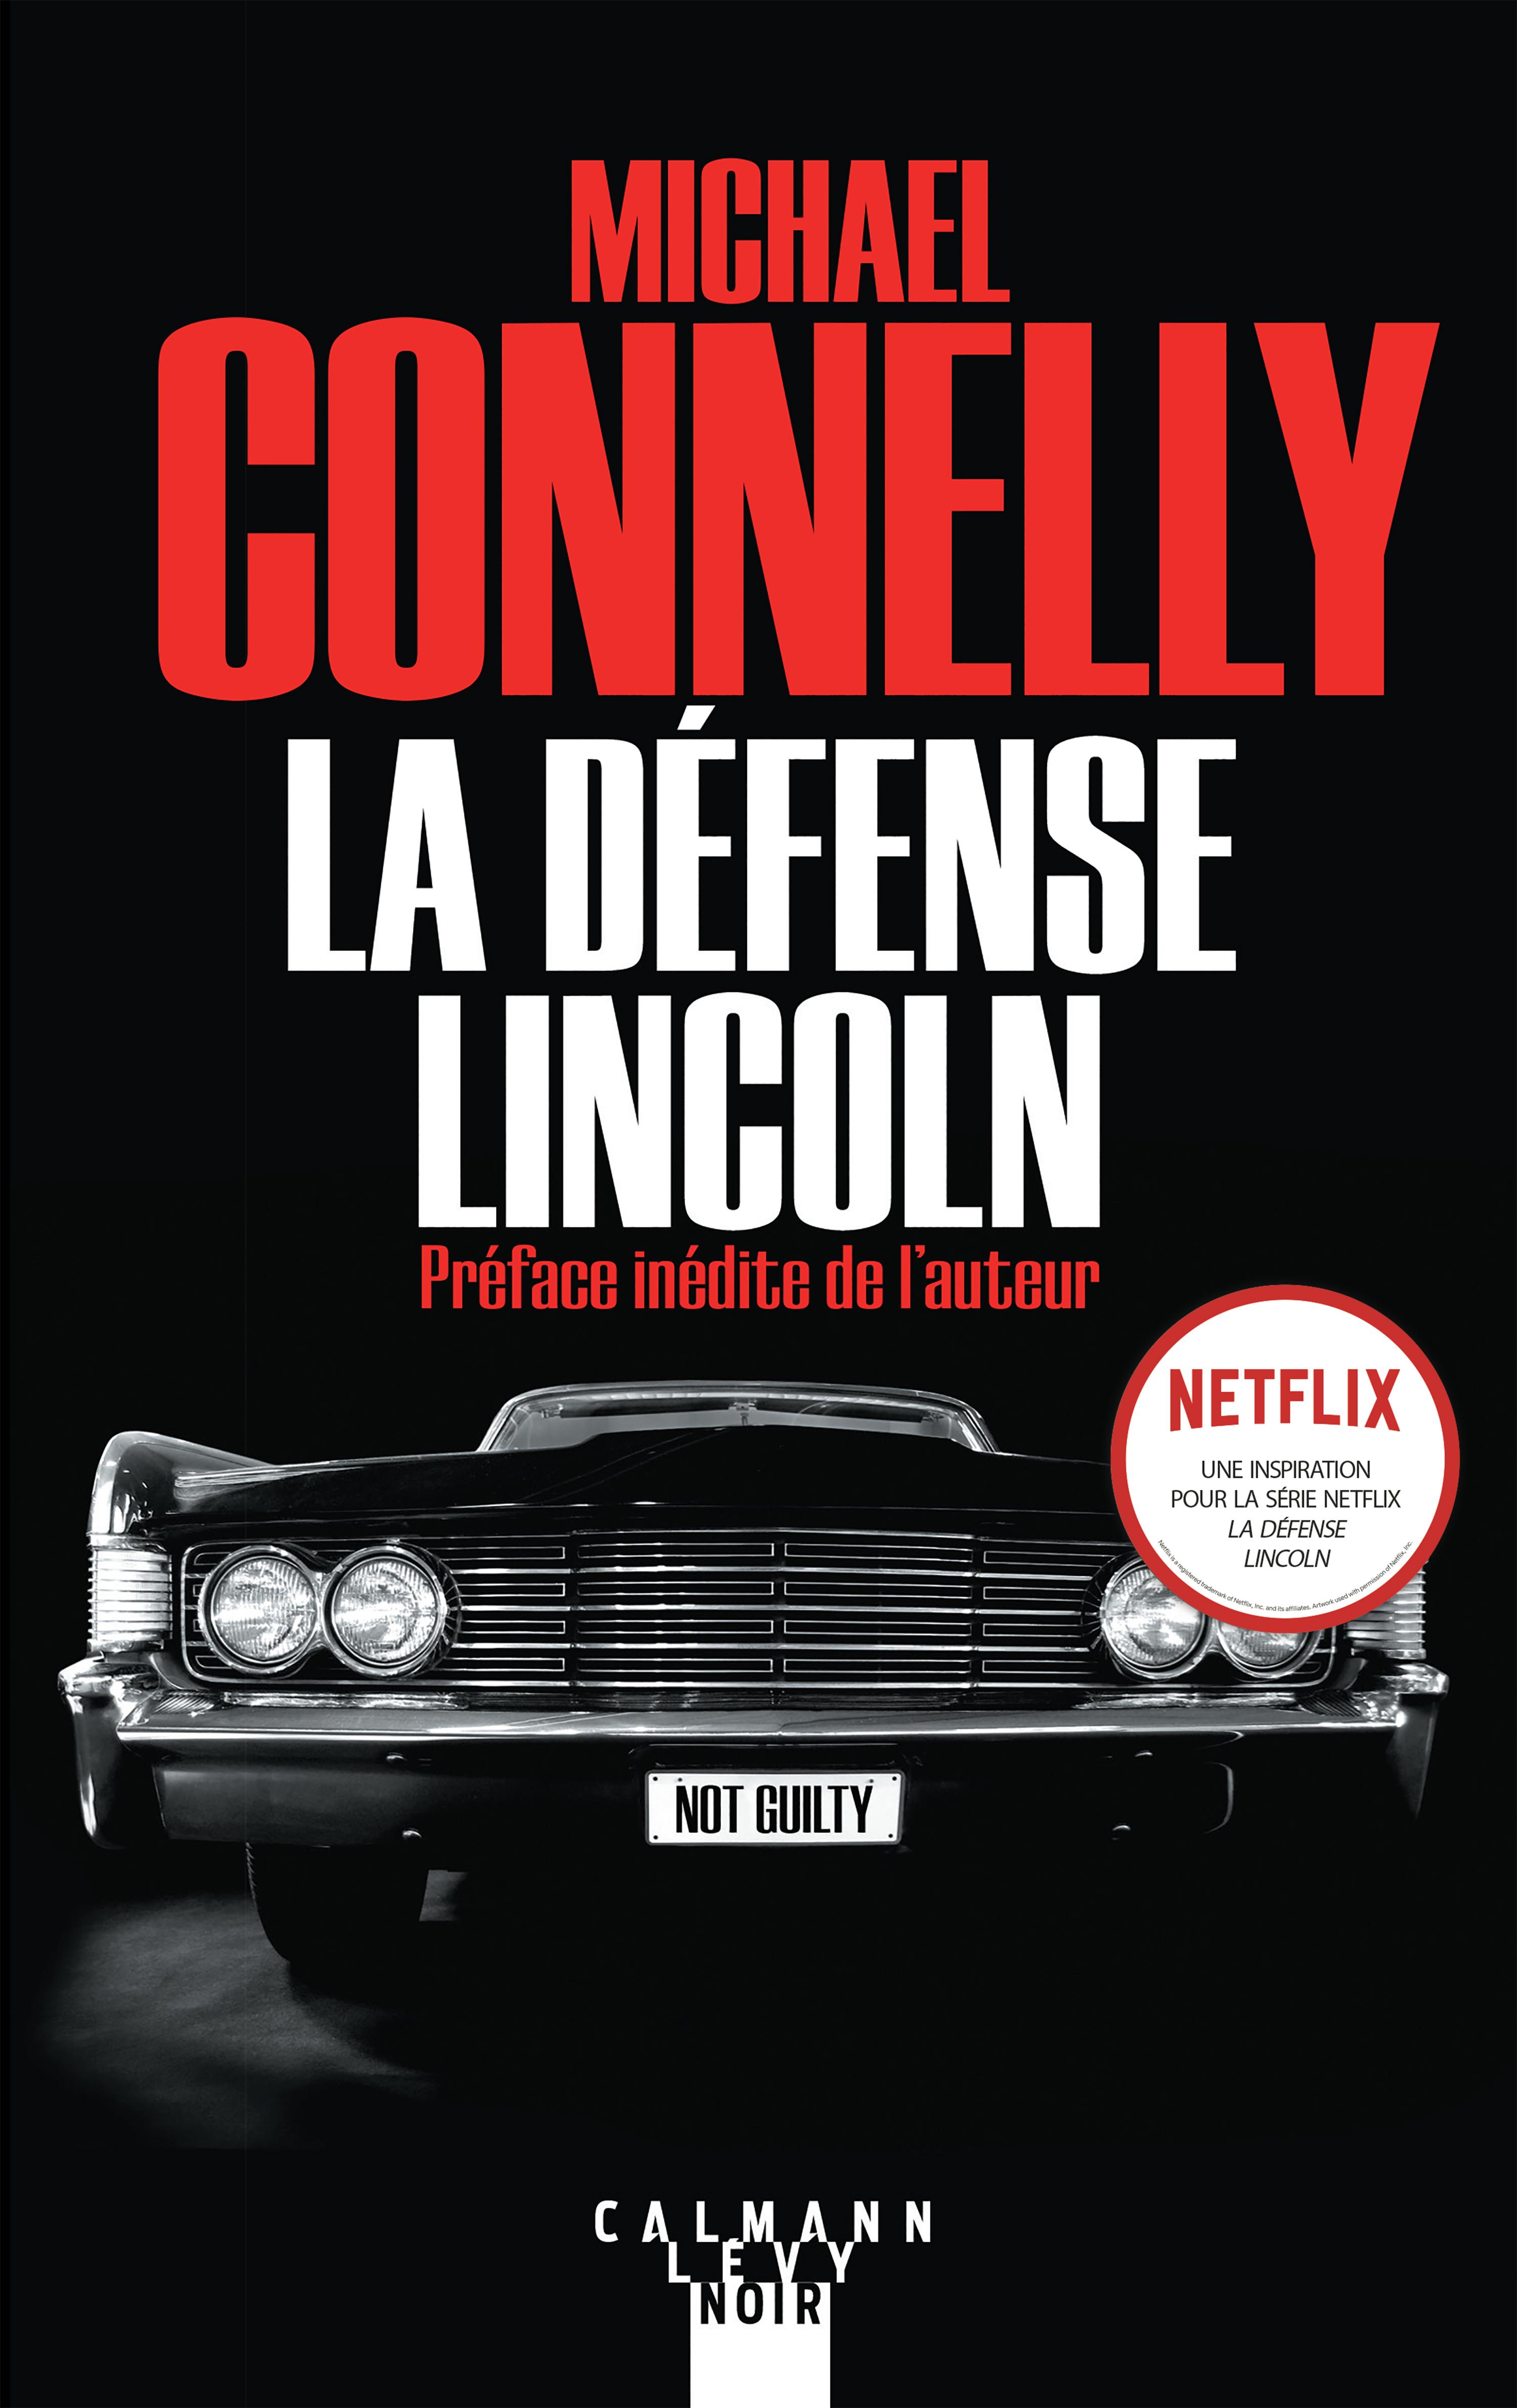 LA DEFENSE LINCOLN